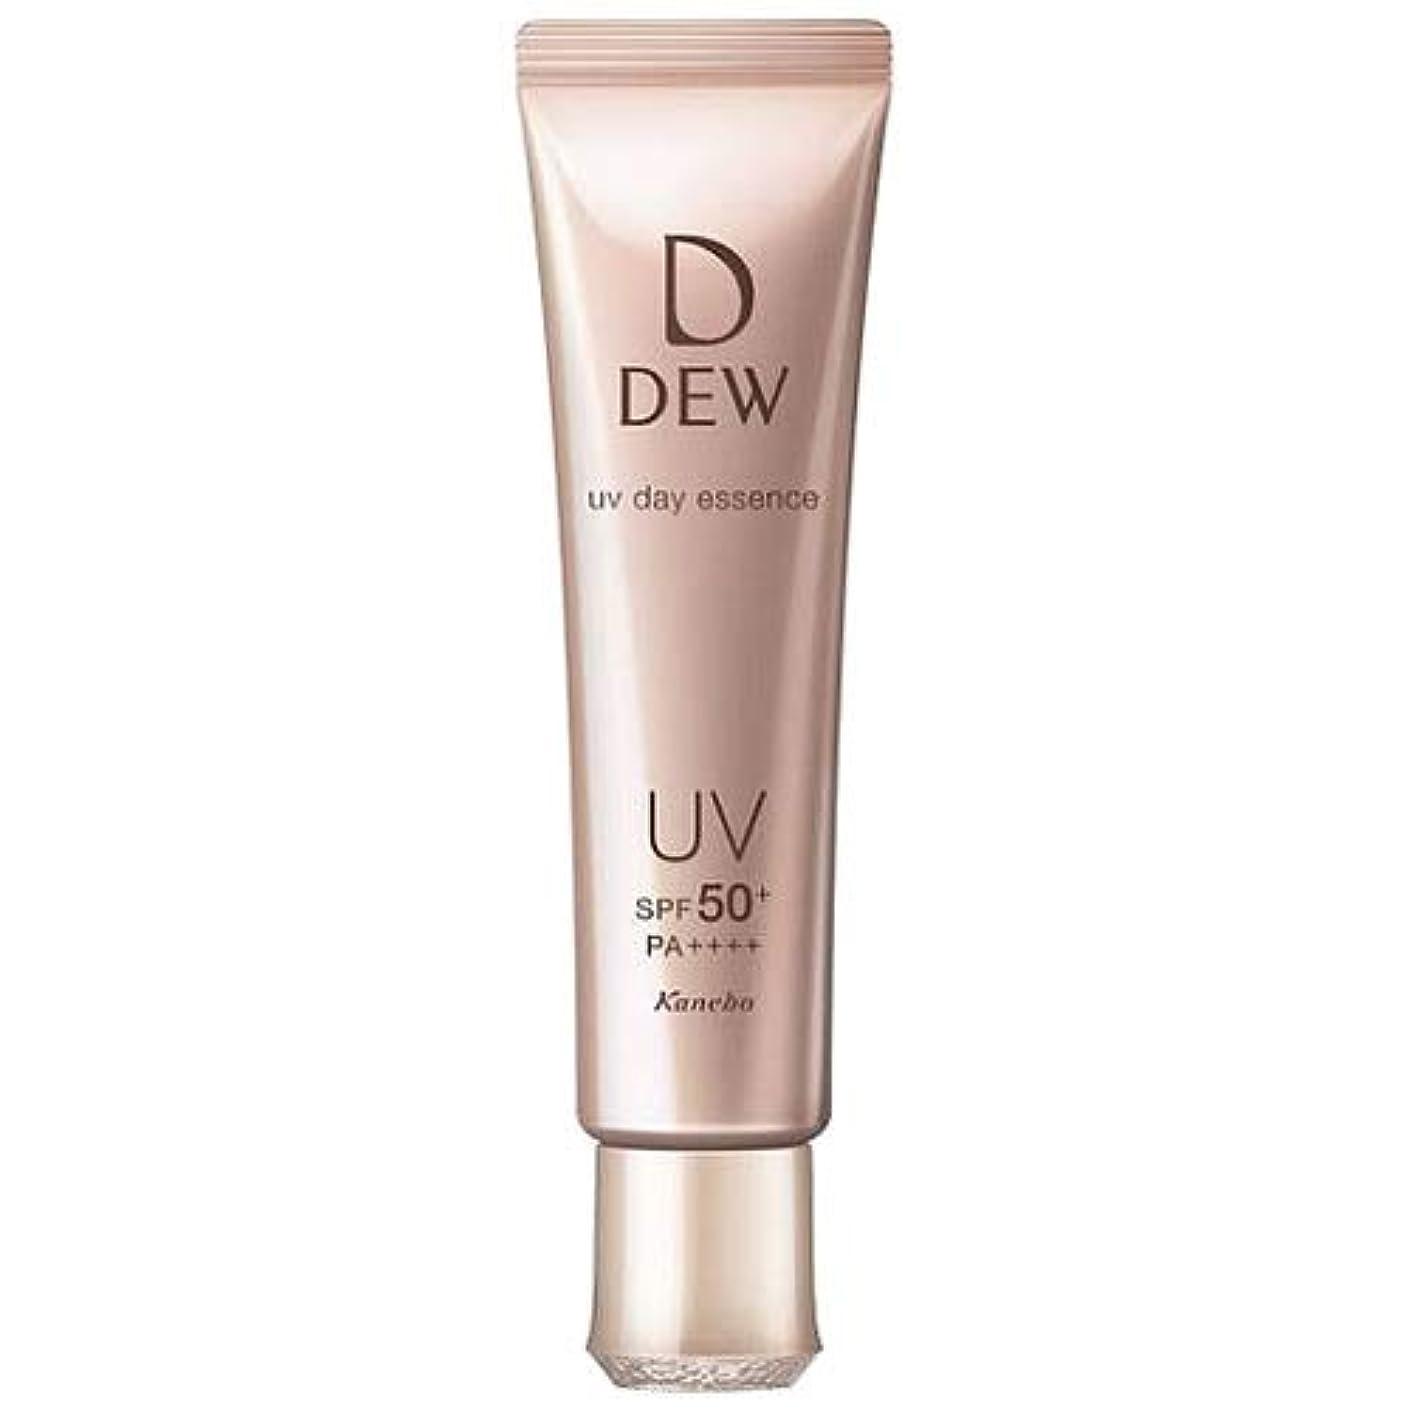 証拠純粋な望むカネボウ DEW UVデイエッセンス 40g UV美容液 SPF50+?PA++++ [並行輸入品]